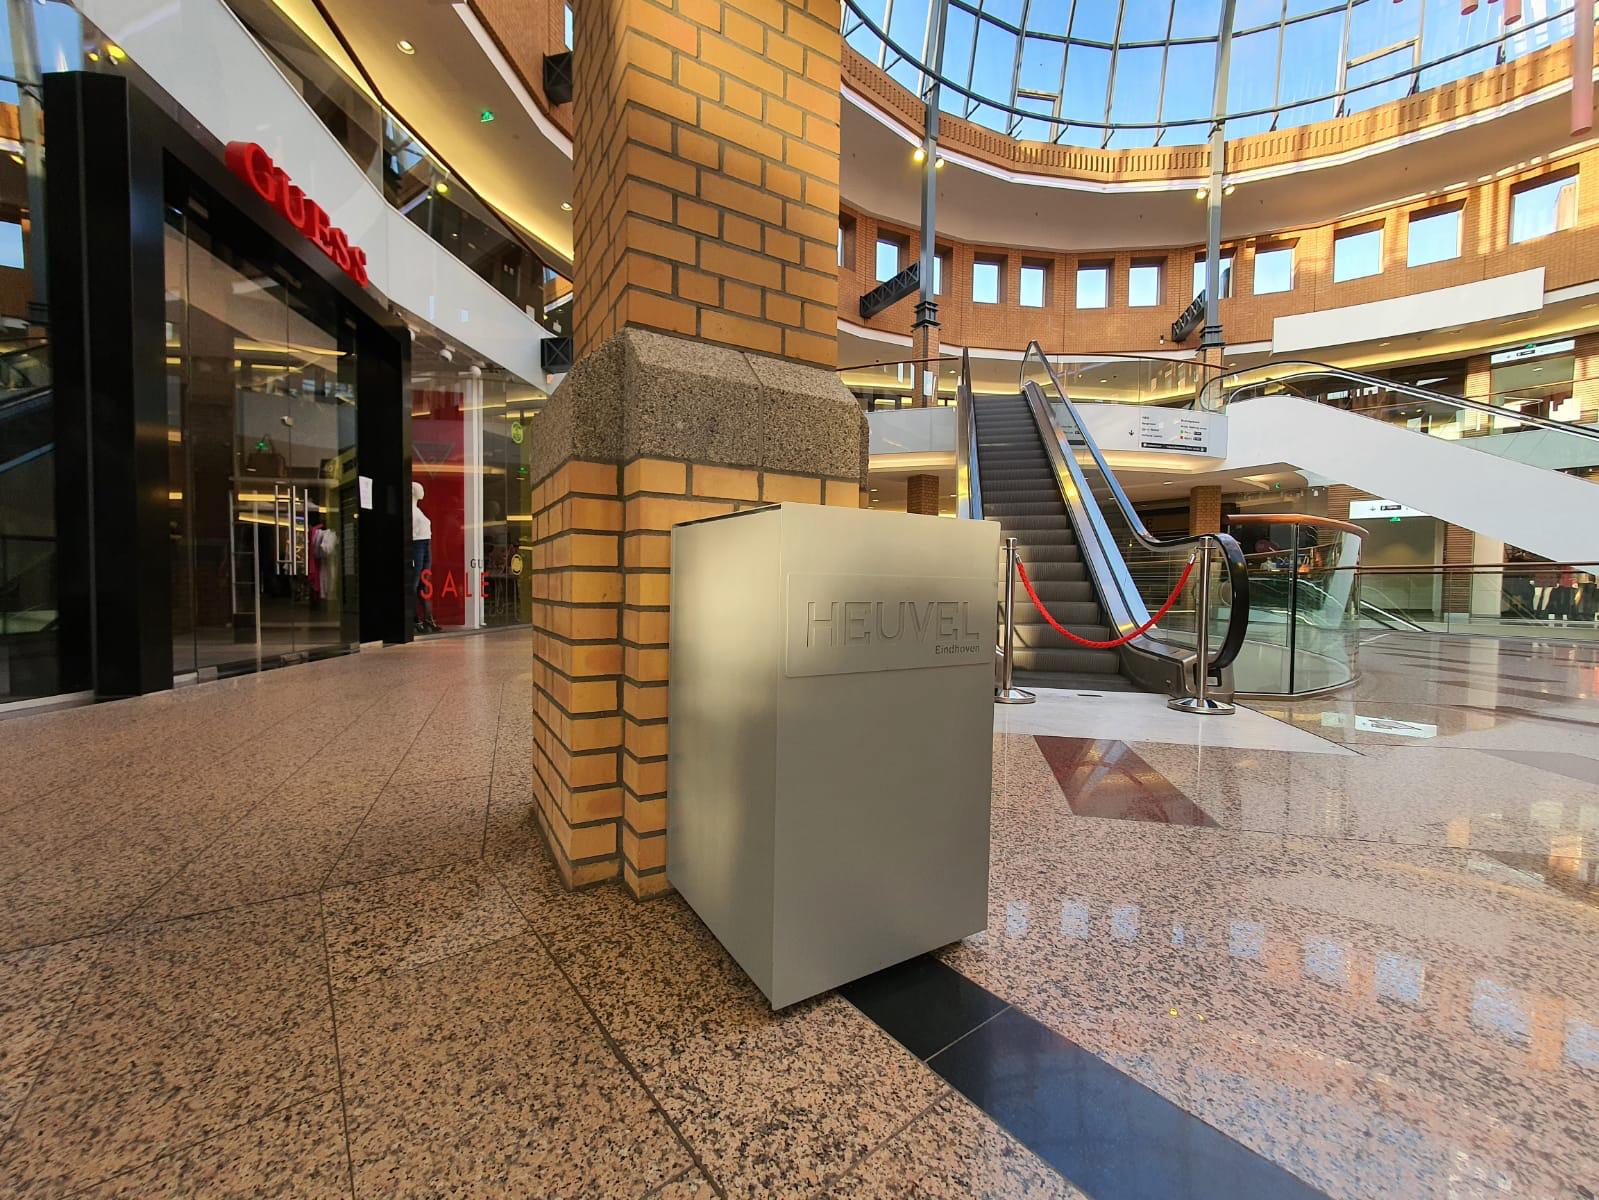 Robuuste afvalbak Foga 120L in winkelcentrum